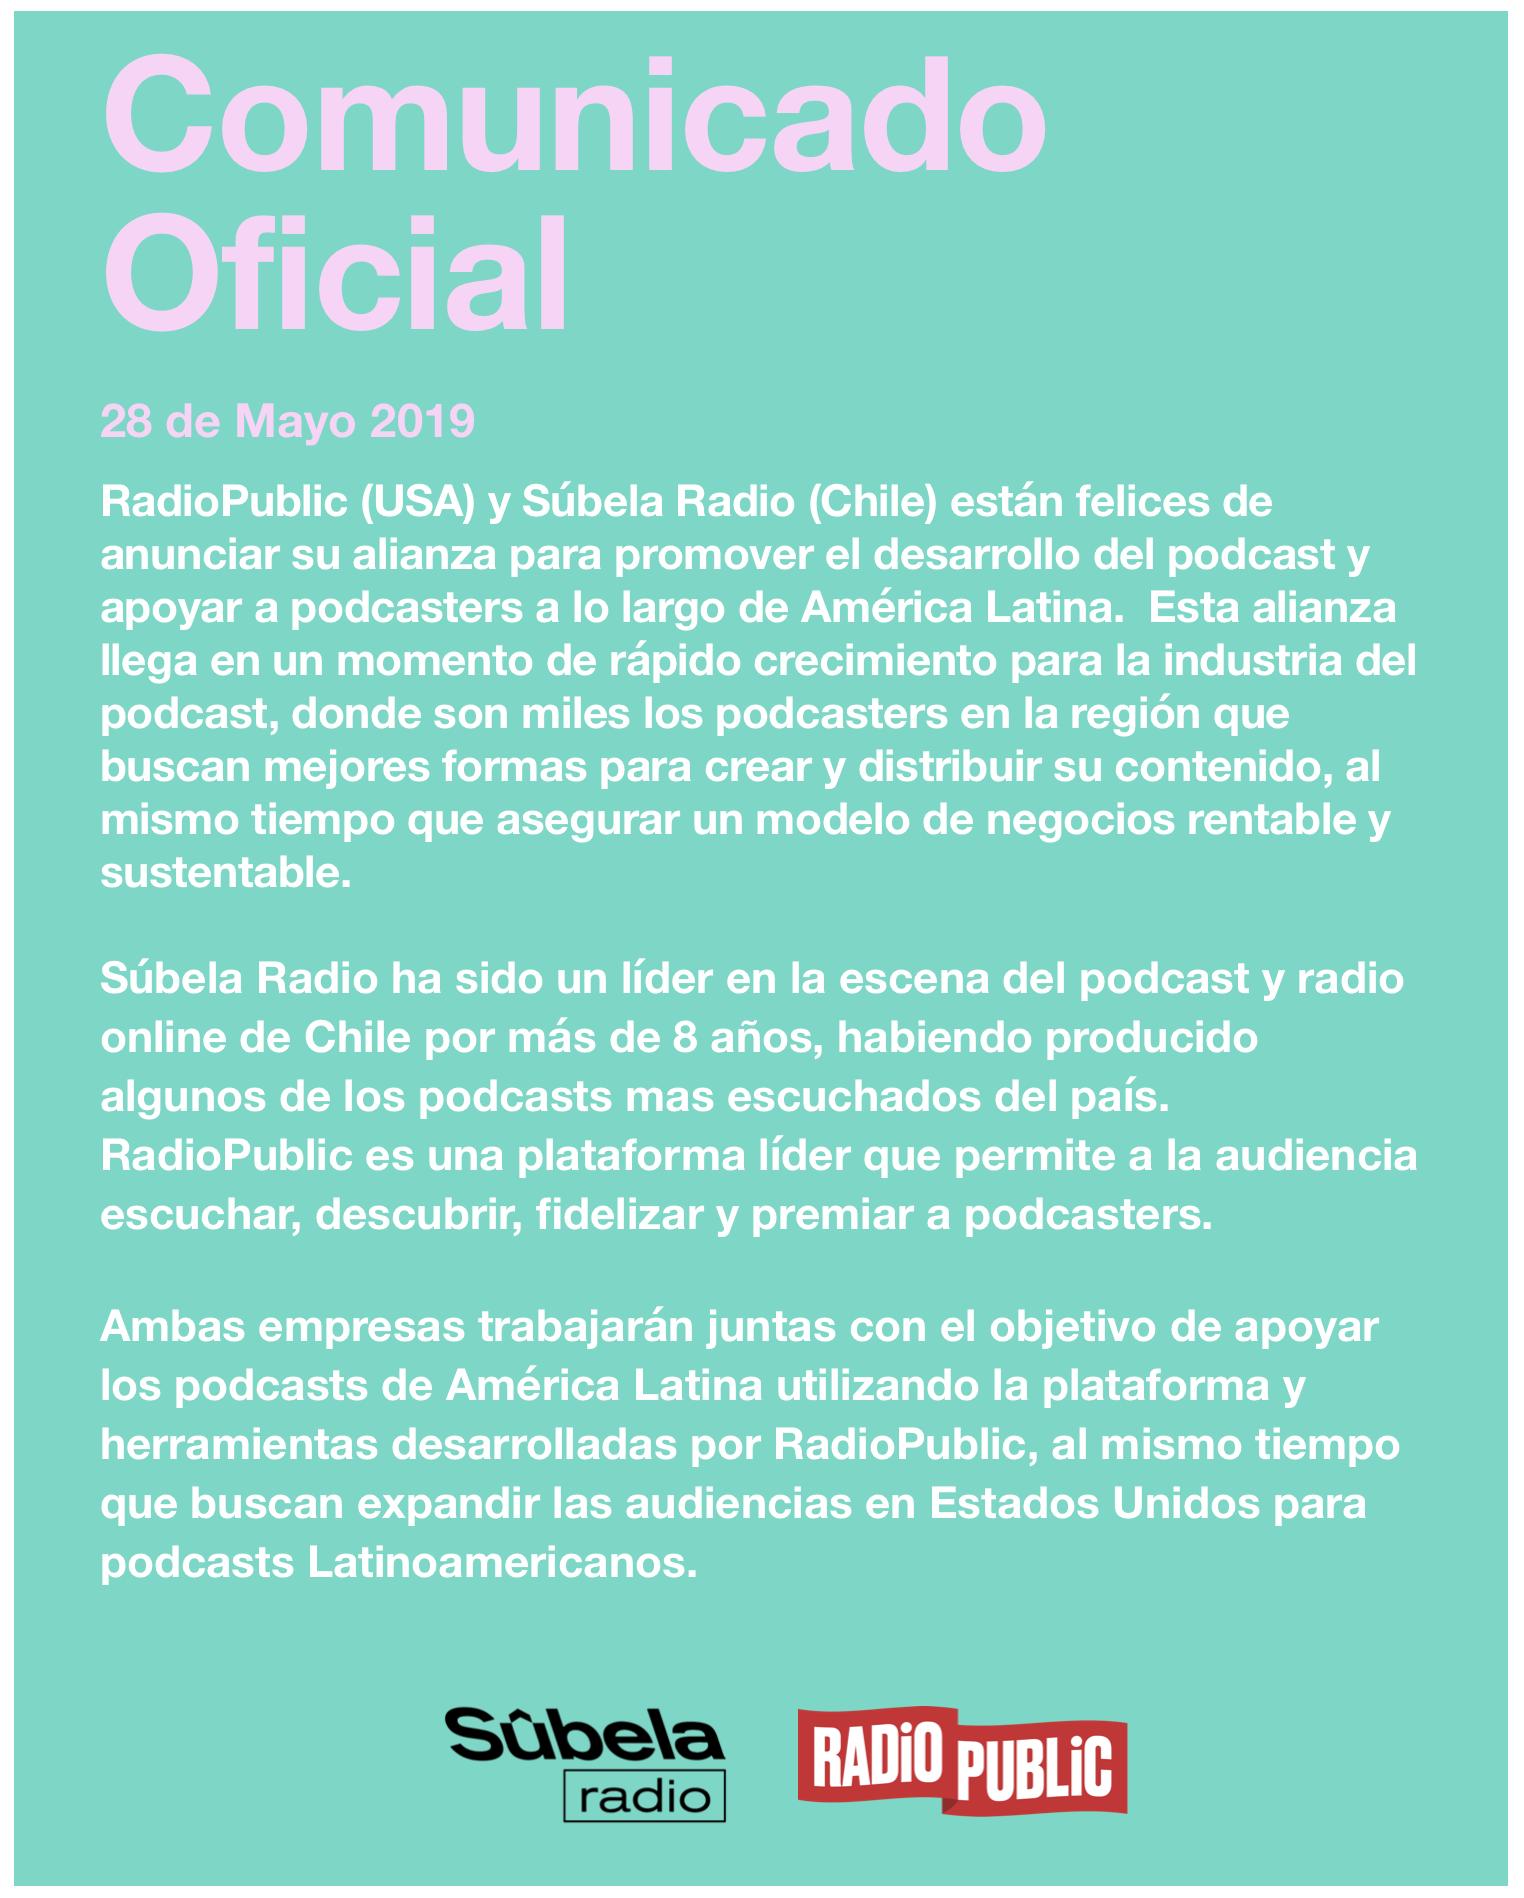 comunicado-rp.png